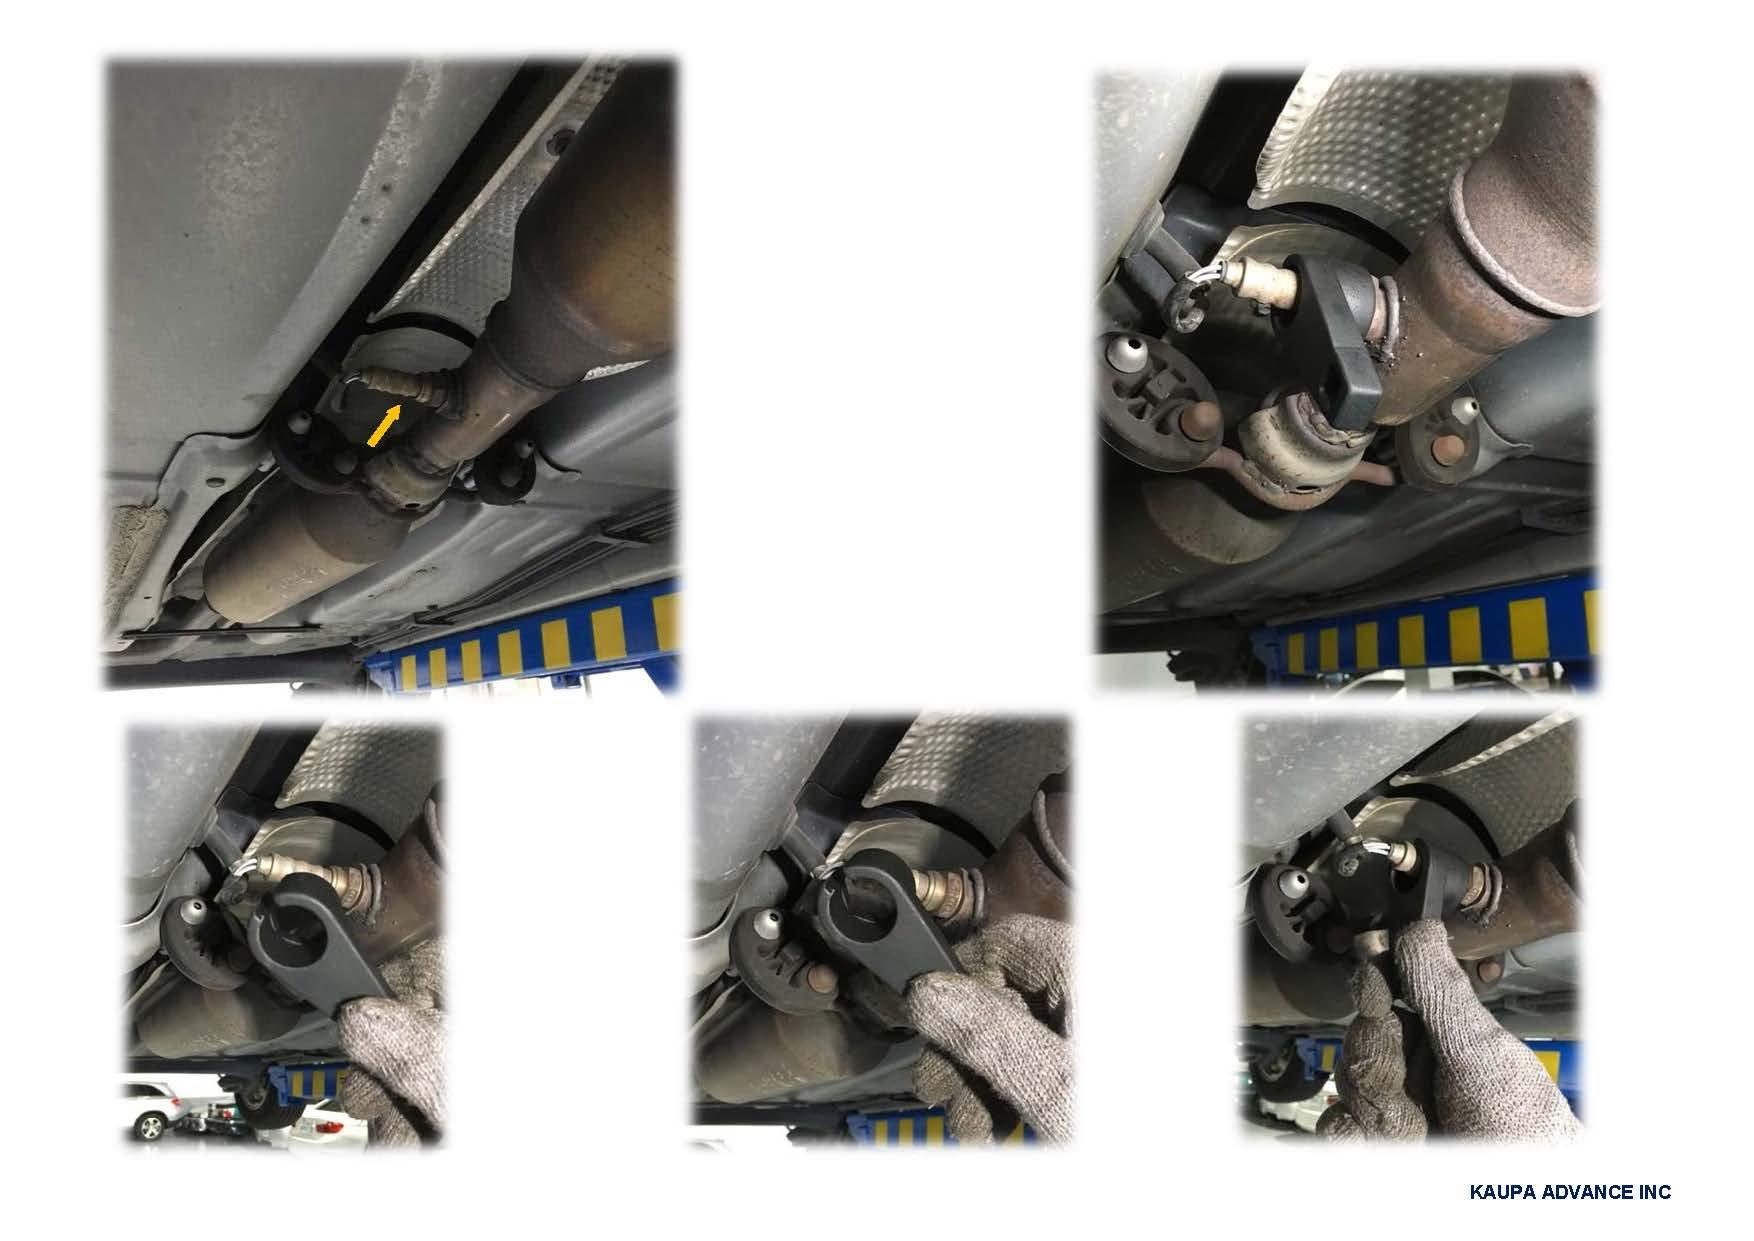 Kauplus 7PCS Master Sensor Socket Kit O2 Oxygen Sensor Wrench Socket Set by Kauplus (Image #3)